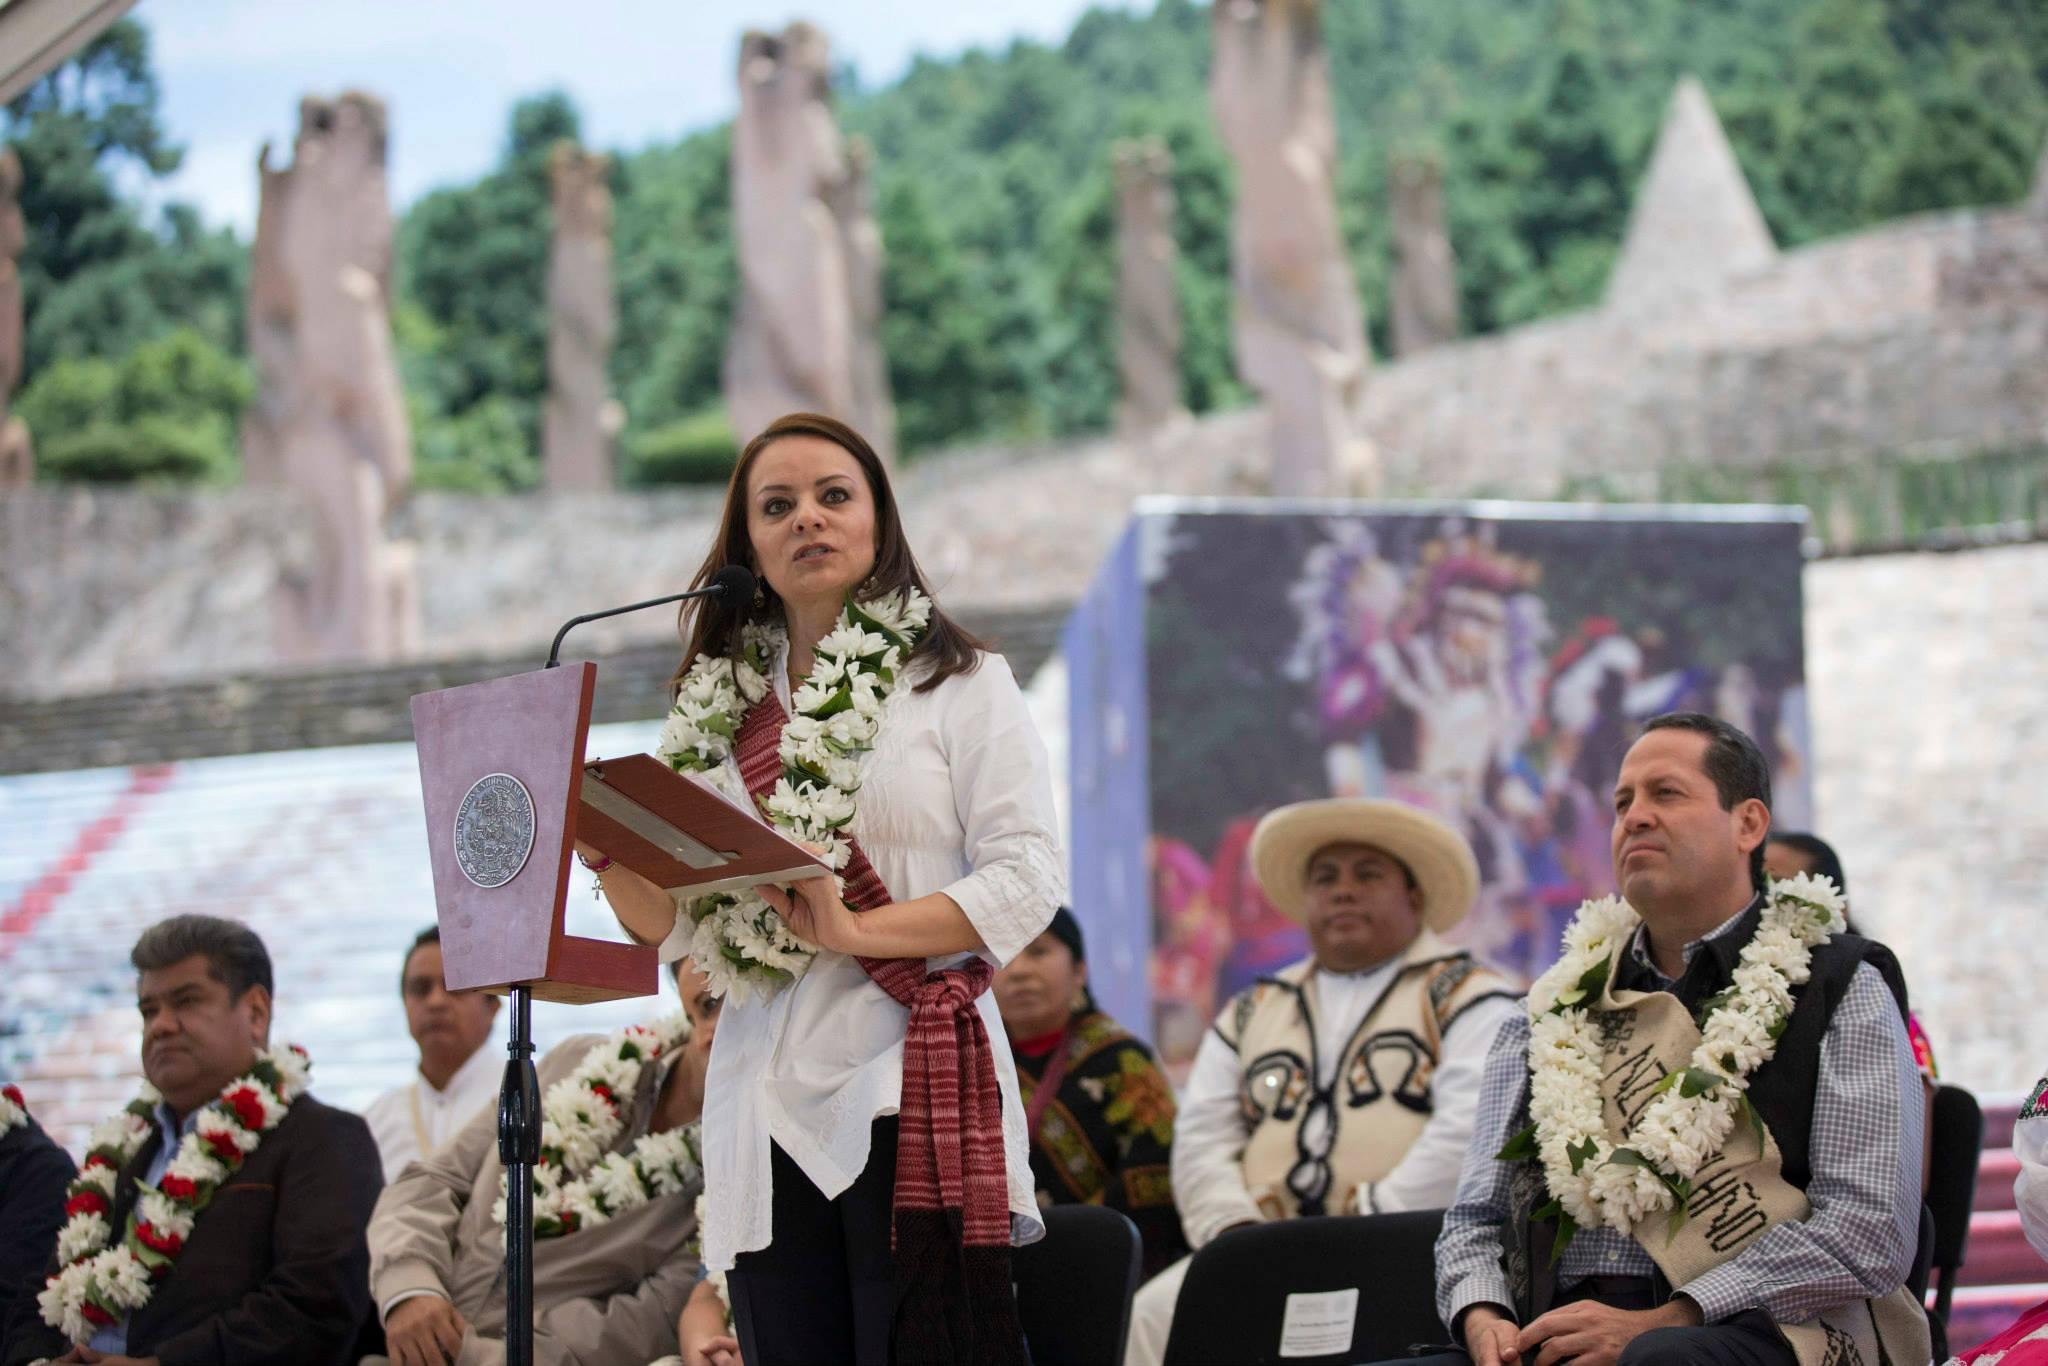 El Día Internacional de los Pueblos Indígenas, es una oportunidad para reconocer y rescatar las aportaciones que han hecho los pueblos originarios.